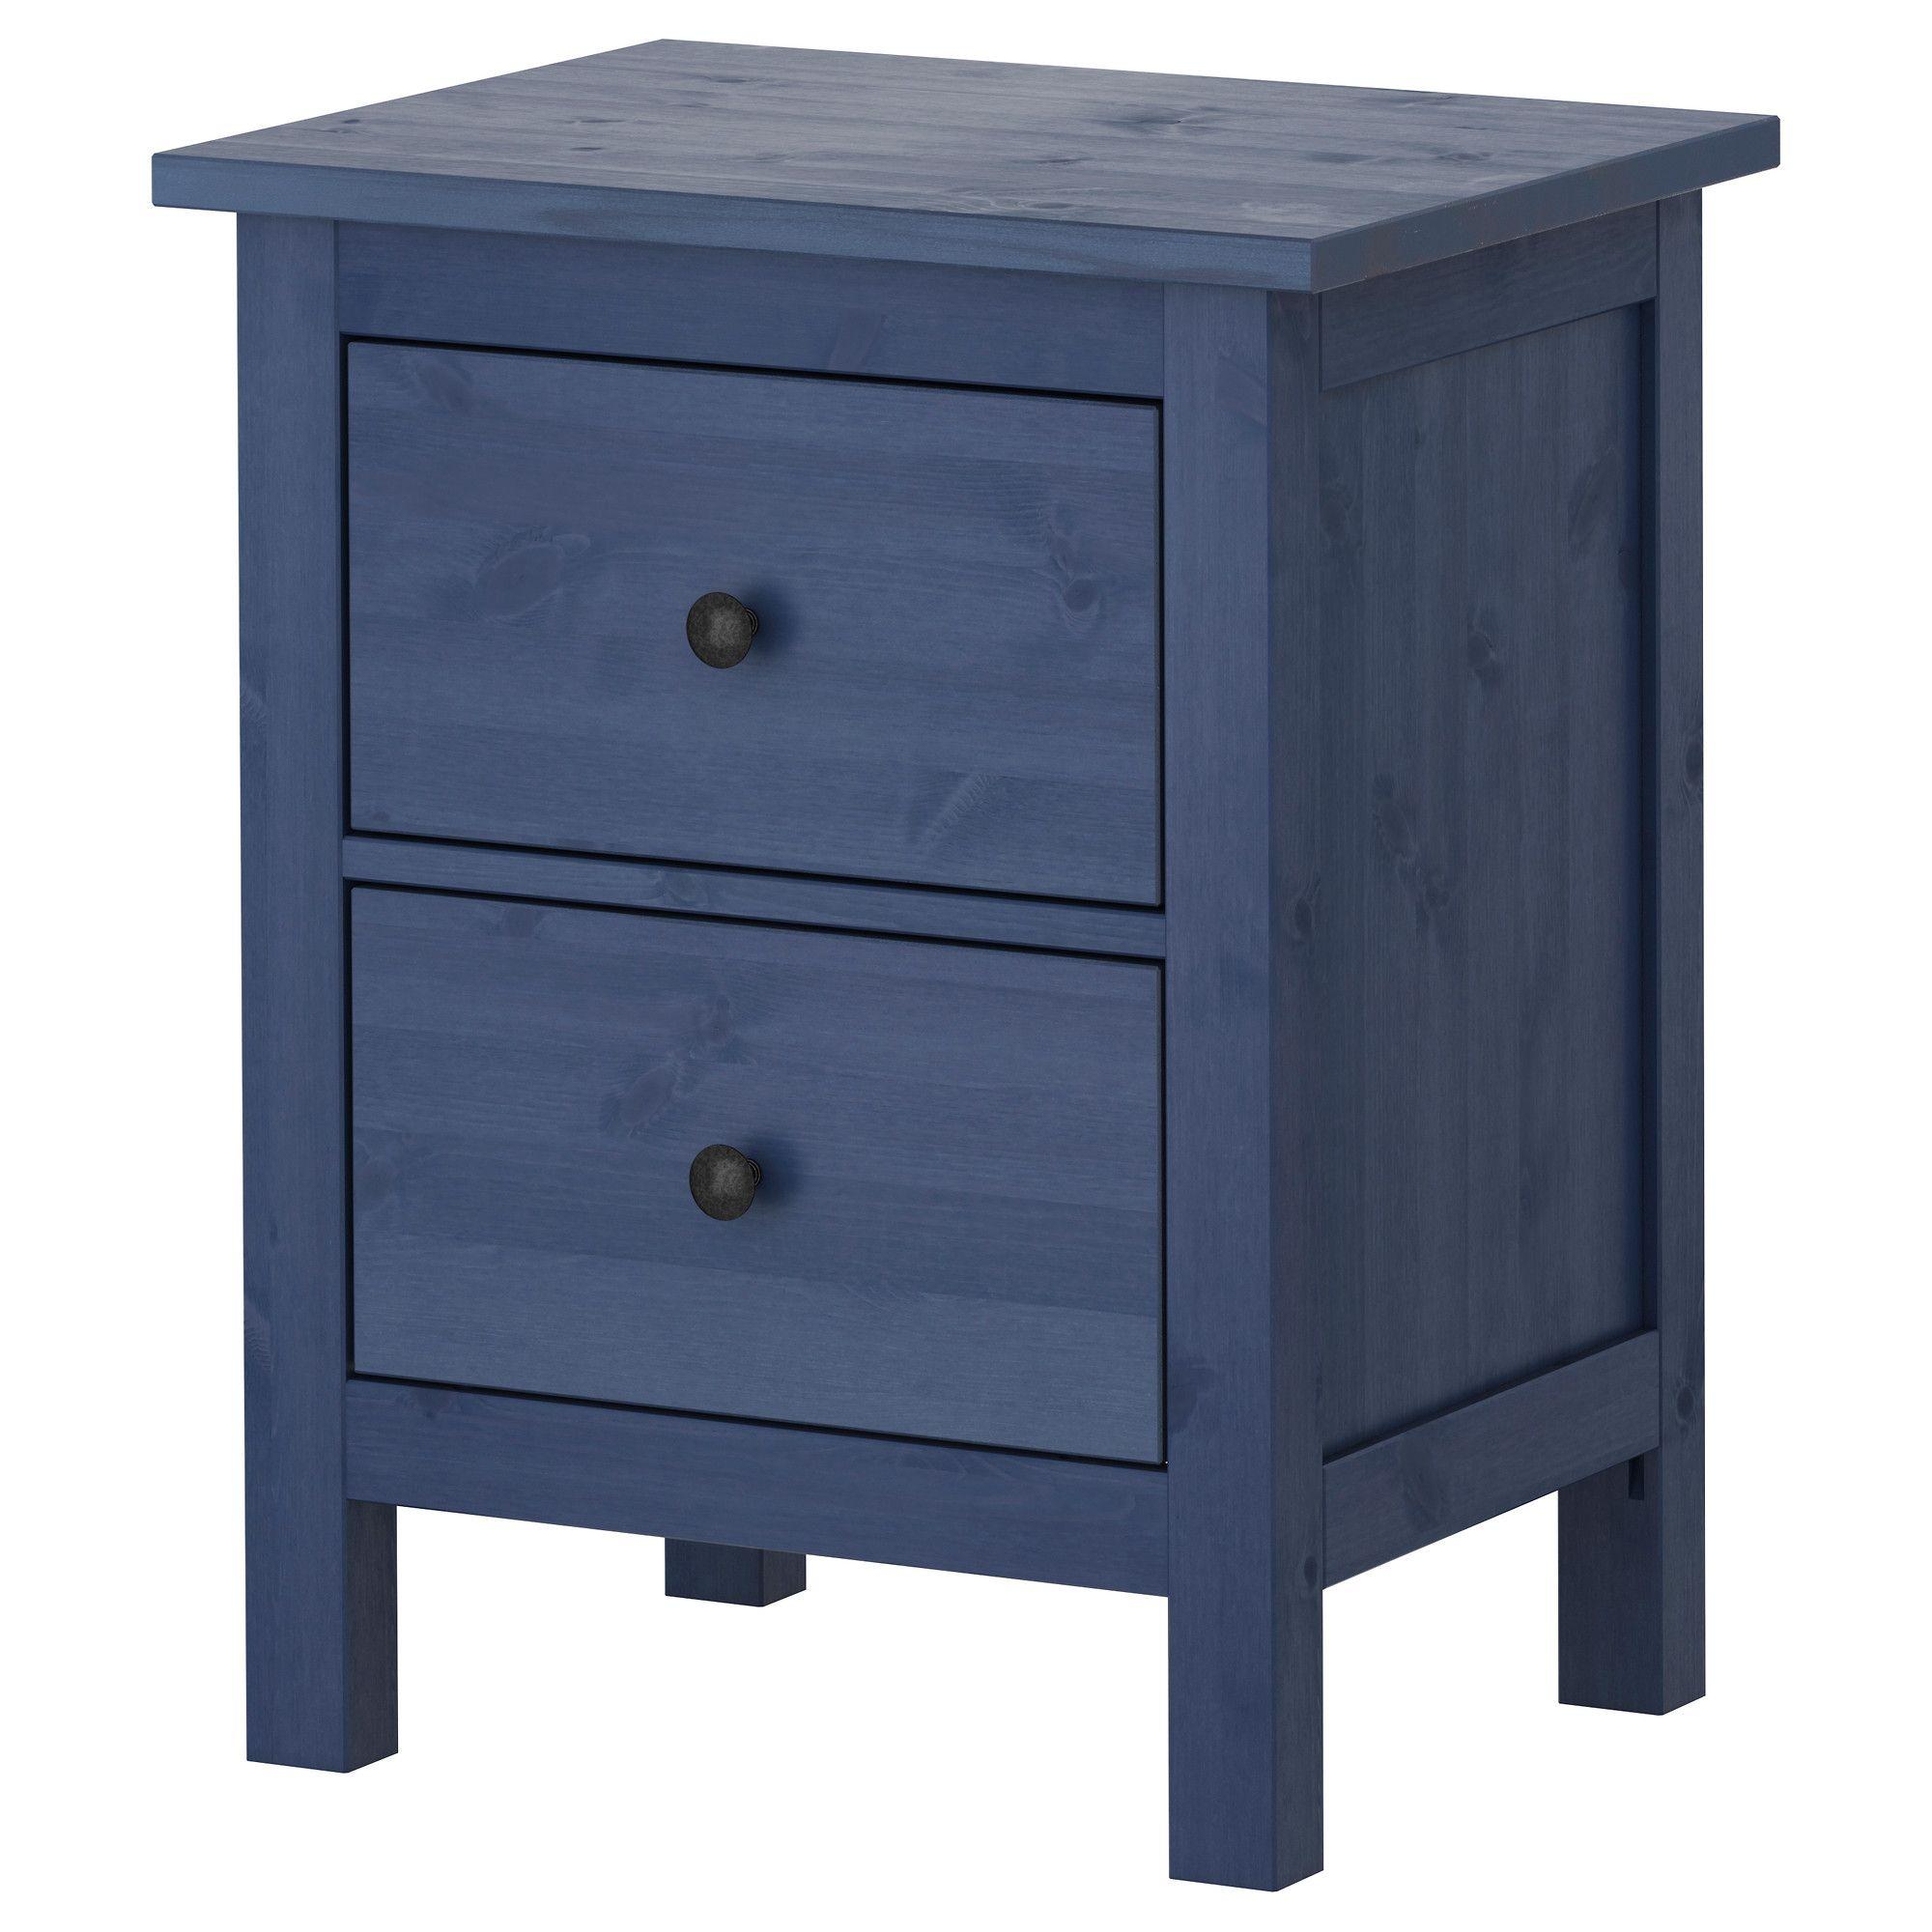 Una c moda de 2 cajones azul cerca la cama del dormitorio - Amueblar dormitorio pequeno ...